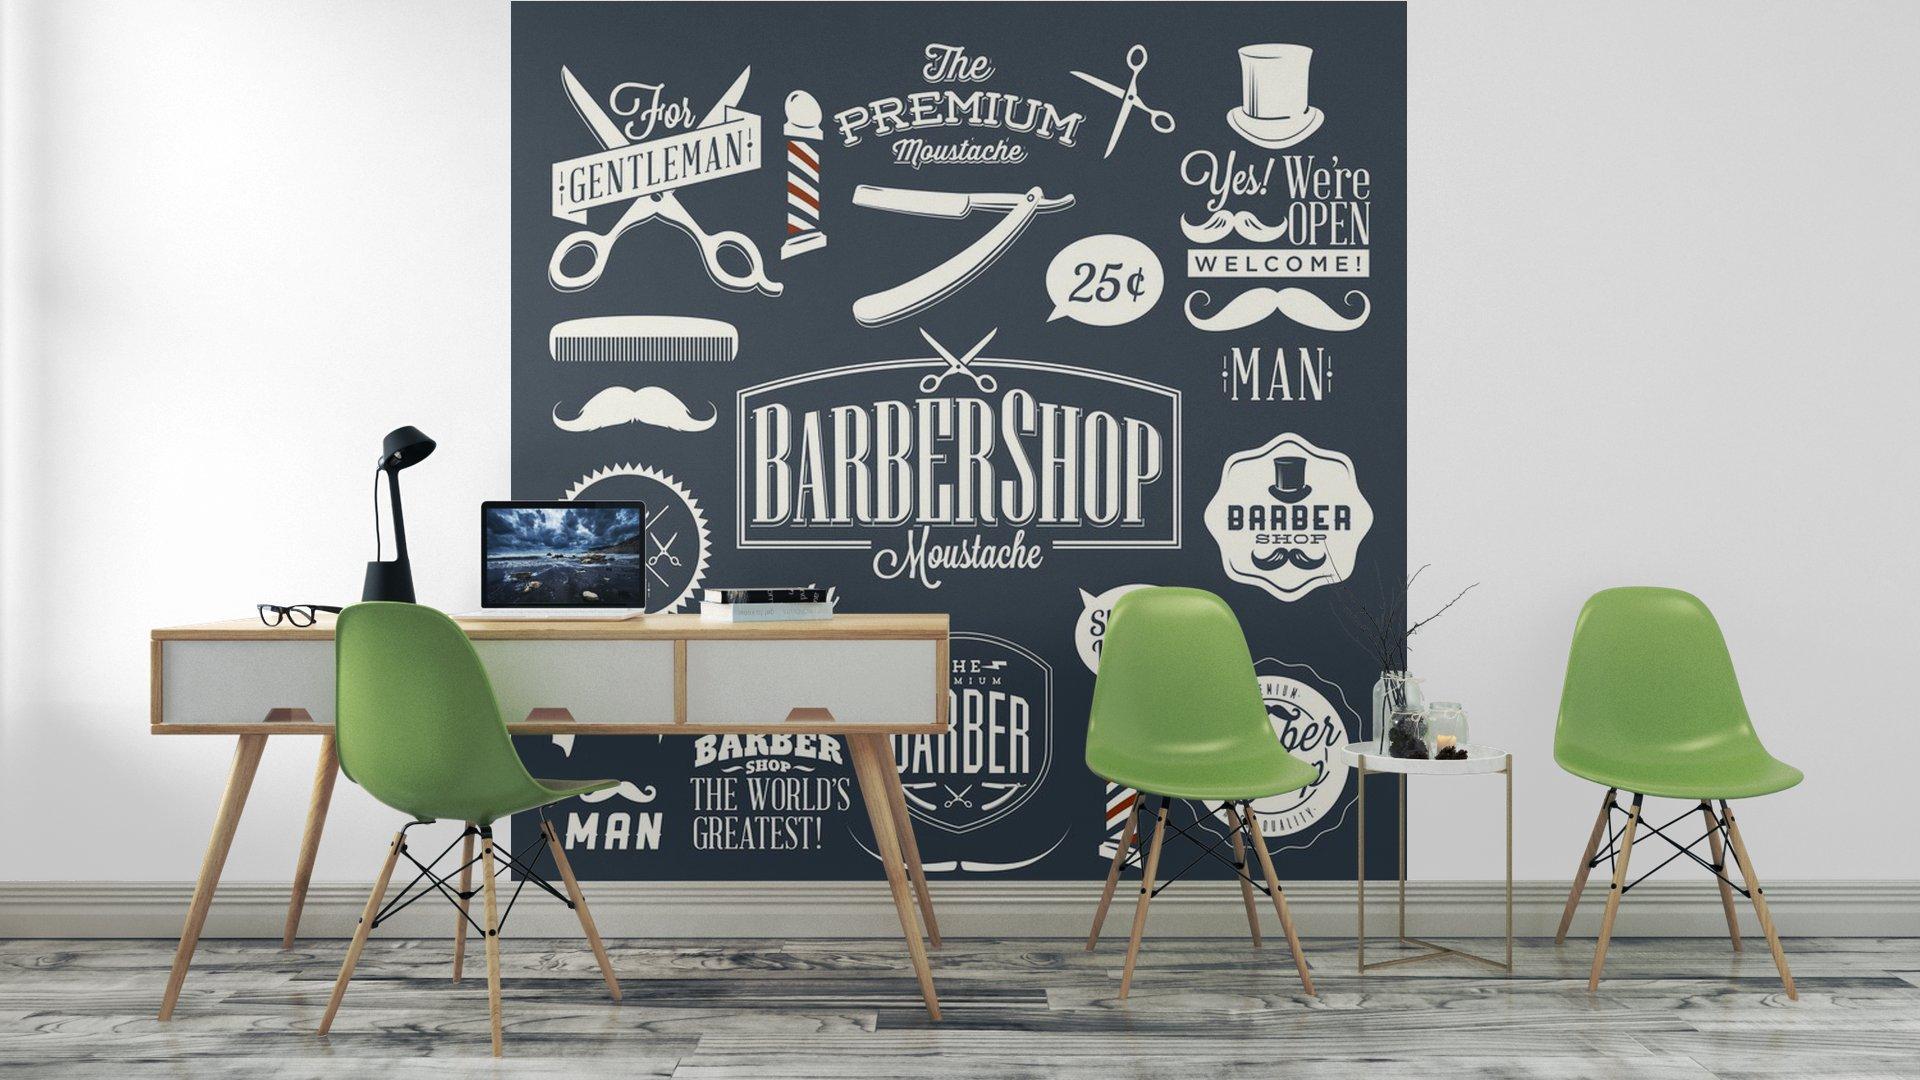 CONJUNTO DE ETIQUETAS DE TIENDA BARBER VINTAGE3 - Fotomural Tapiz Etiquetas de Barbería